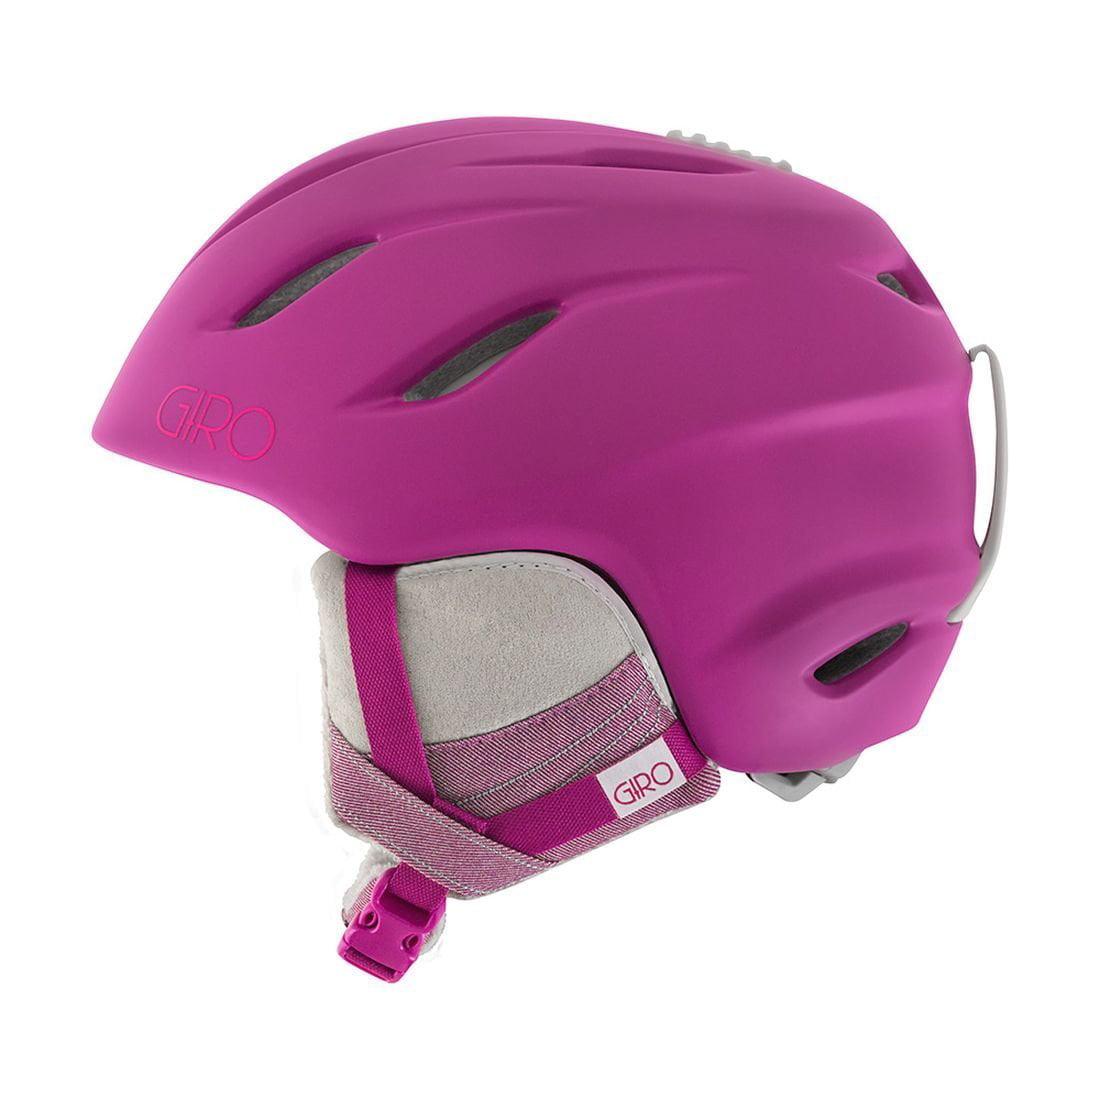 Giro Women's Lure Snow Helmet by Giro